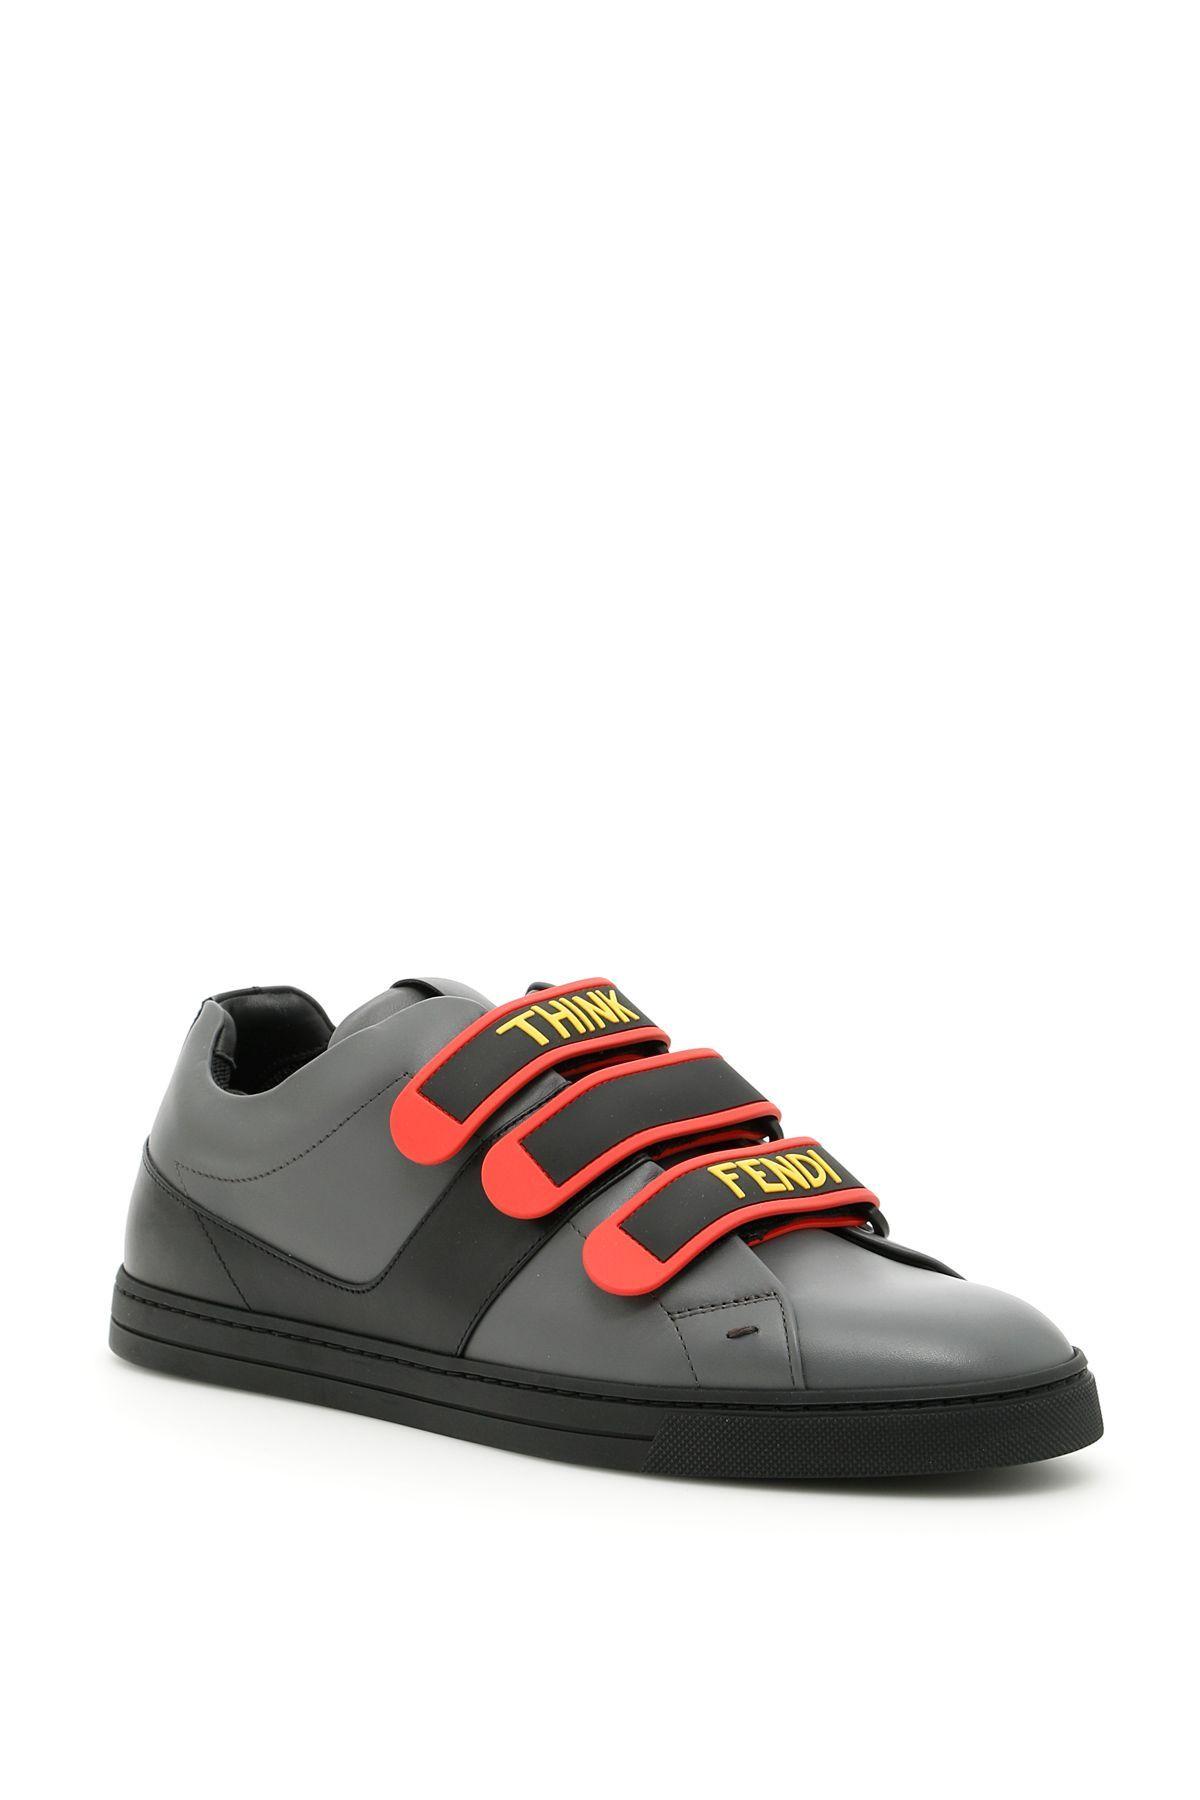 Chaussures De Sport De Vocabulaire Fendi SOQ7JkC5a